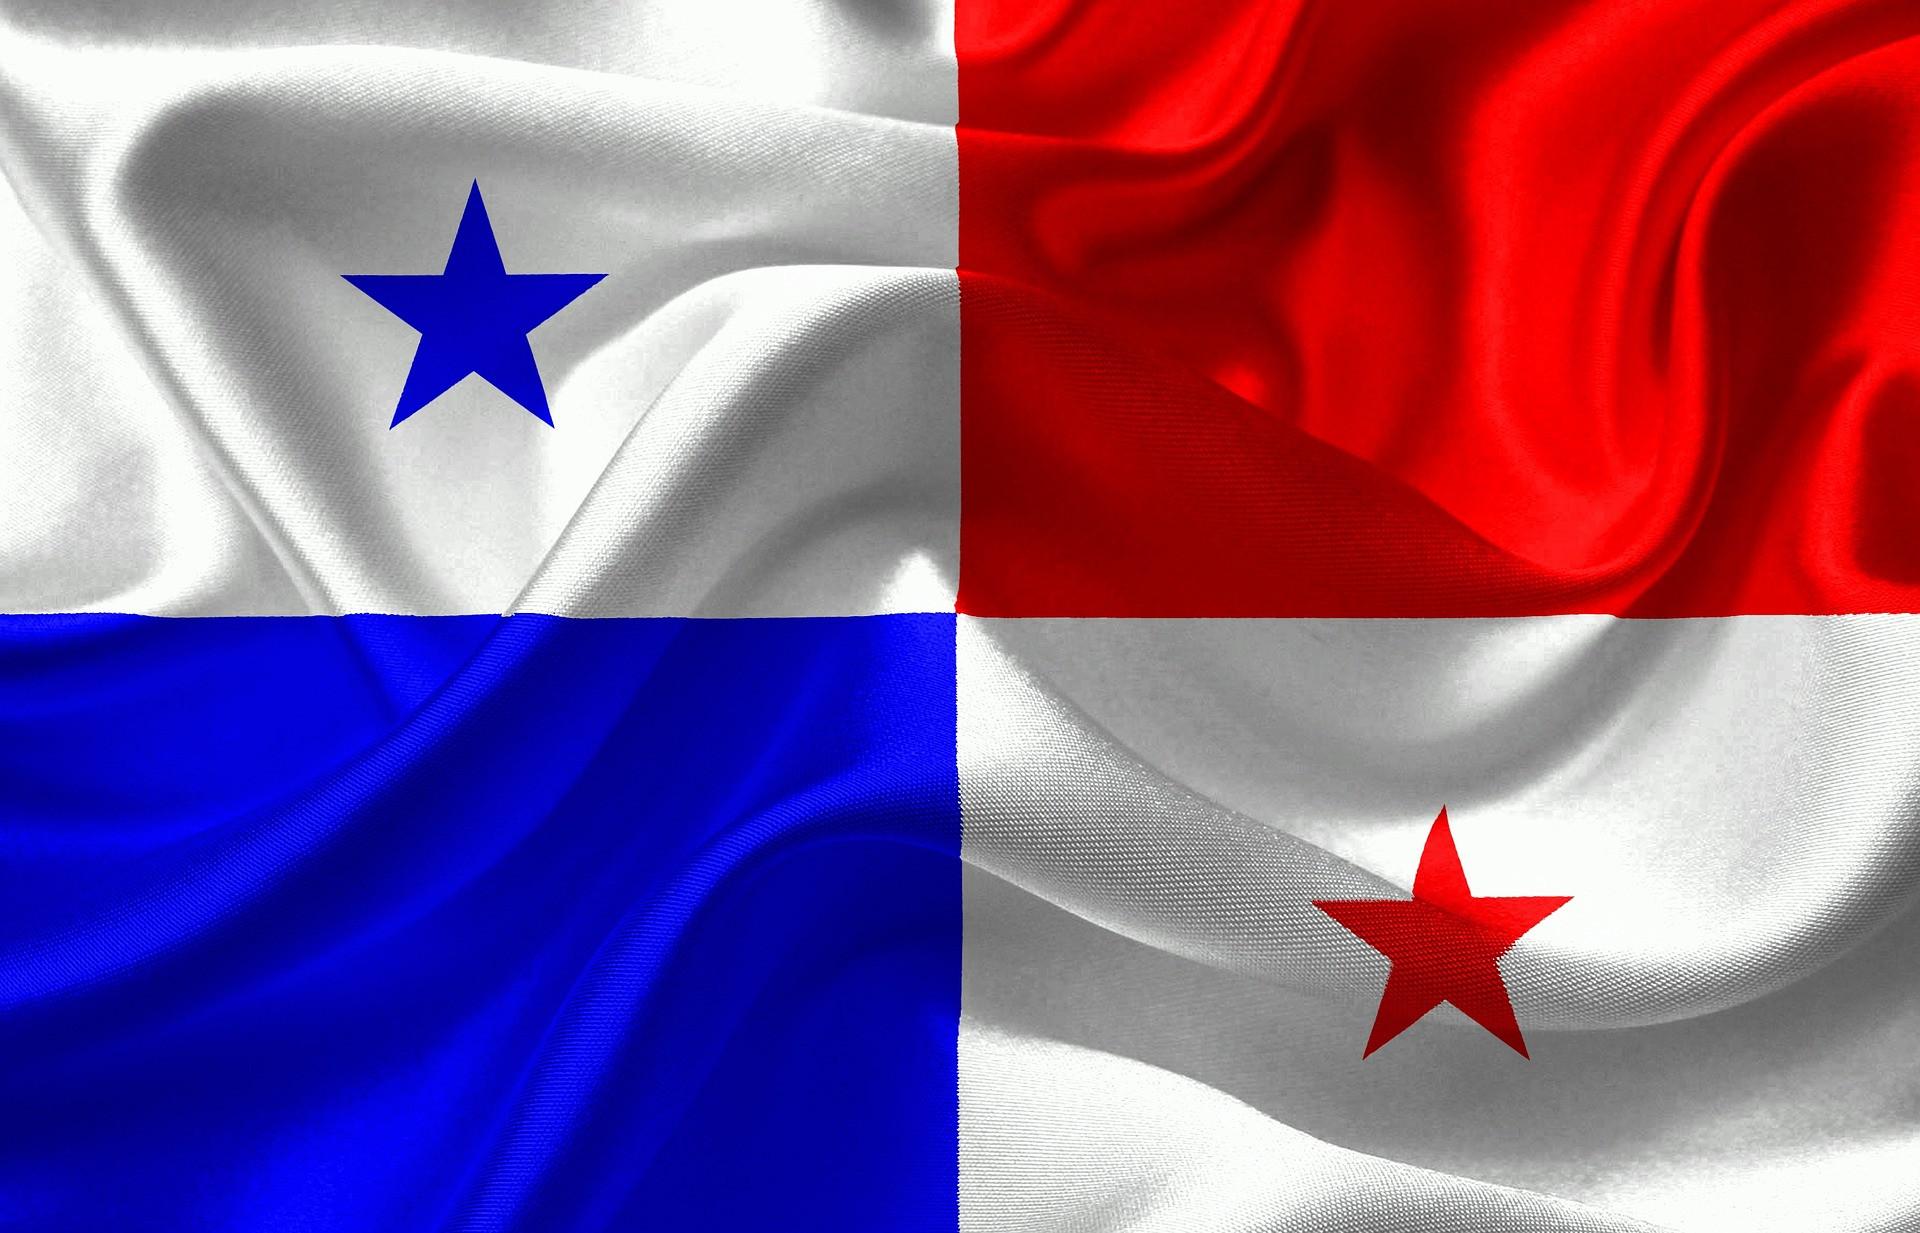 EXPORT PANAMA - AGGIORNAMENTO DELL'ELENCO DEGLI STABILIMENTI ABILITATI ALL'EXPORT E SCADENZA DELL'AUTORIZZAZIONE